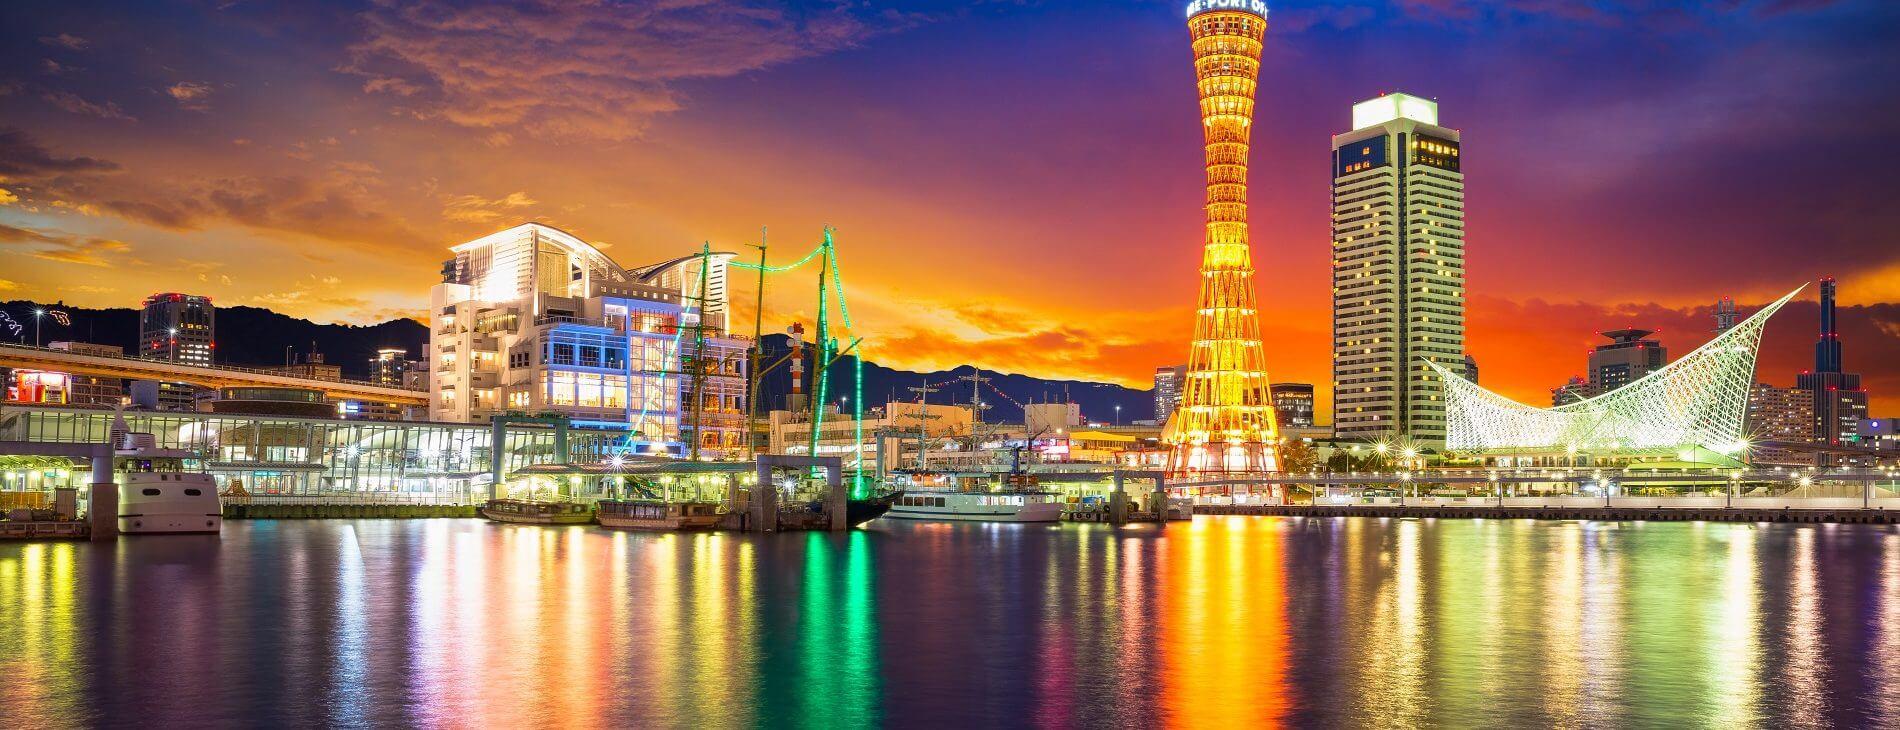 mastroviaggiatore-kobe-Skyline and Port of Kobe Copertina